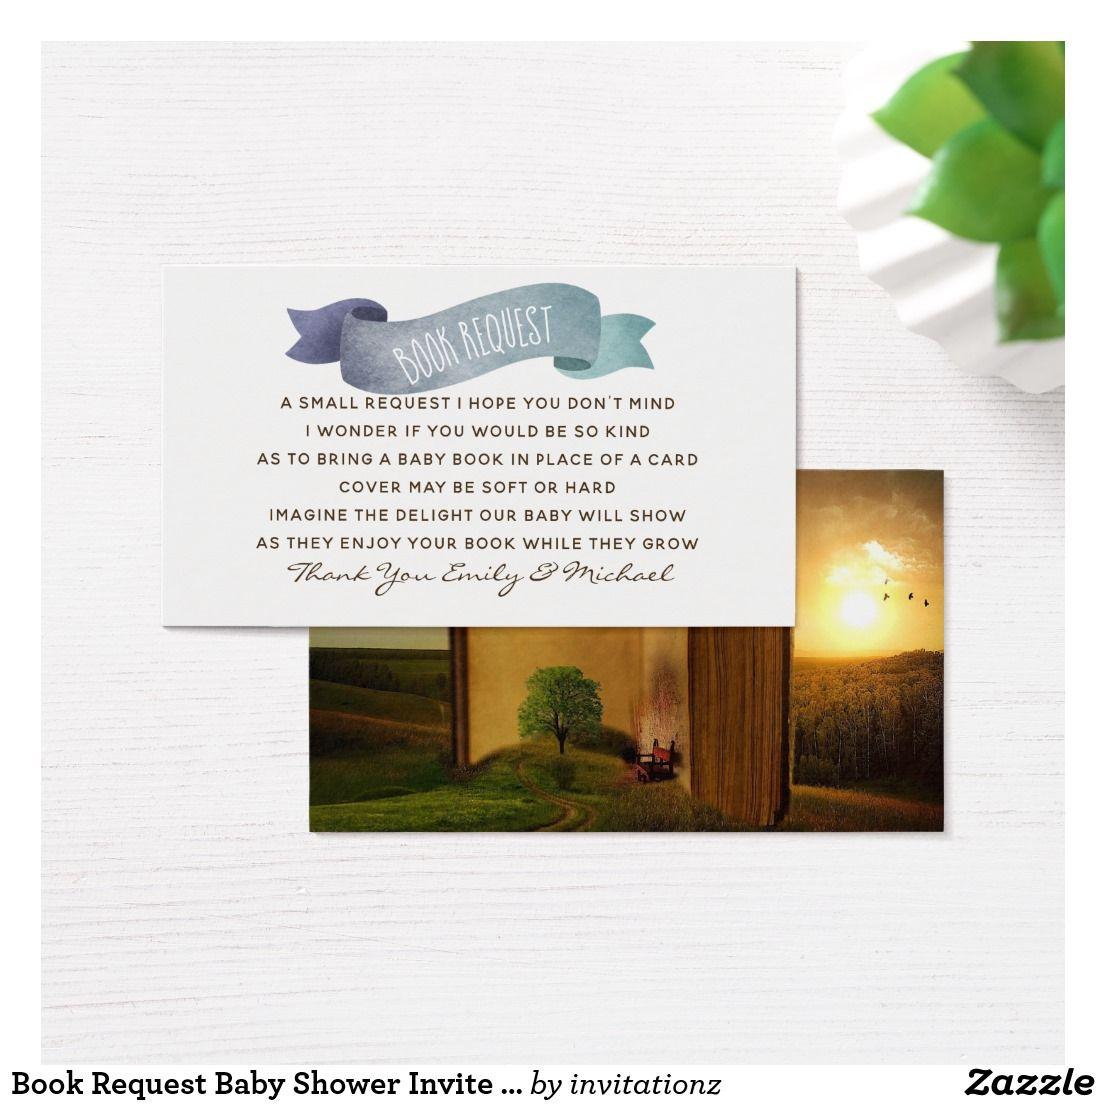 Book Request Baby Shower Invite Insert Poem